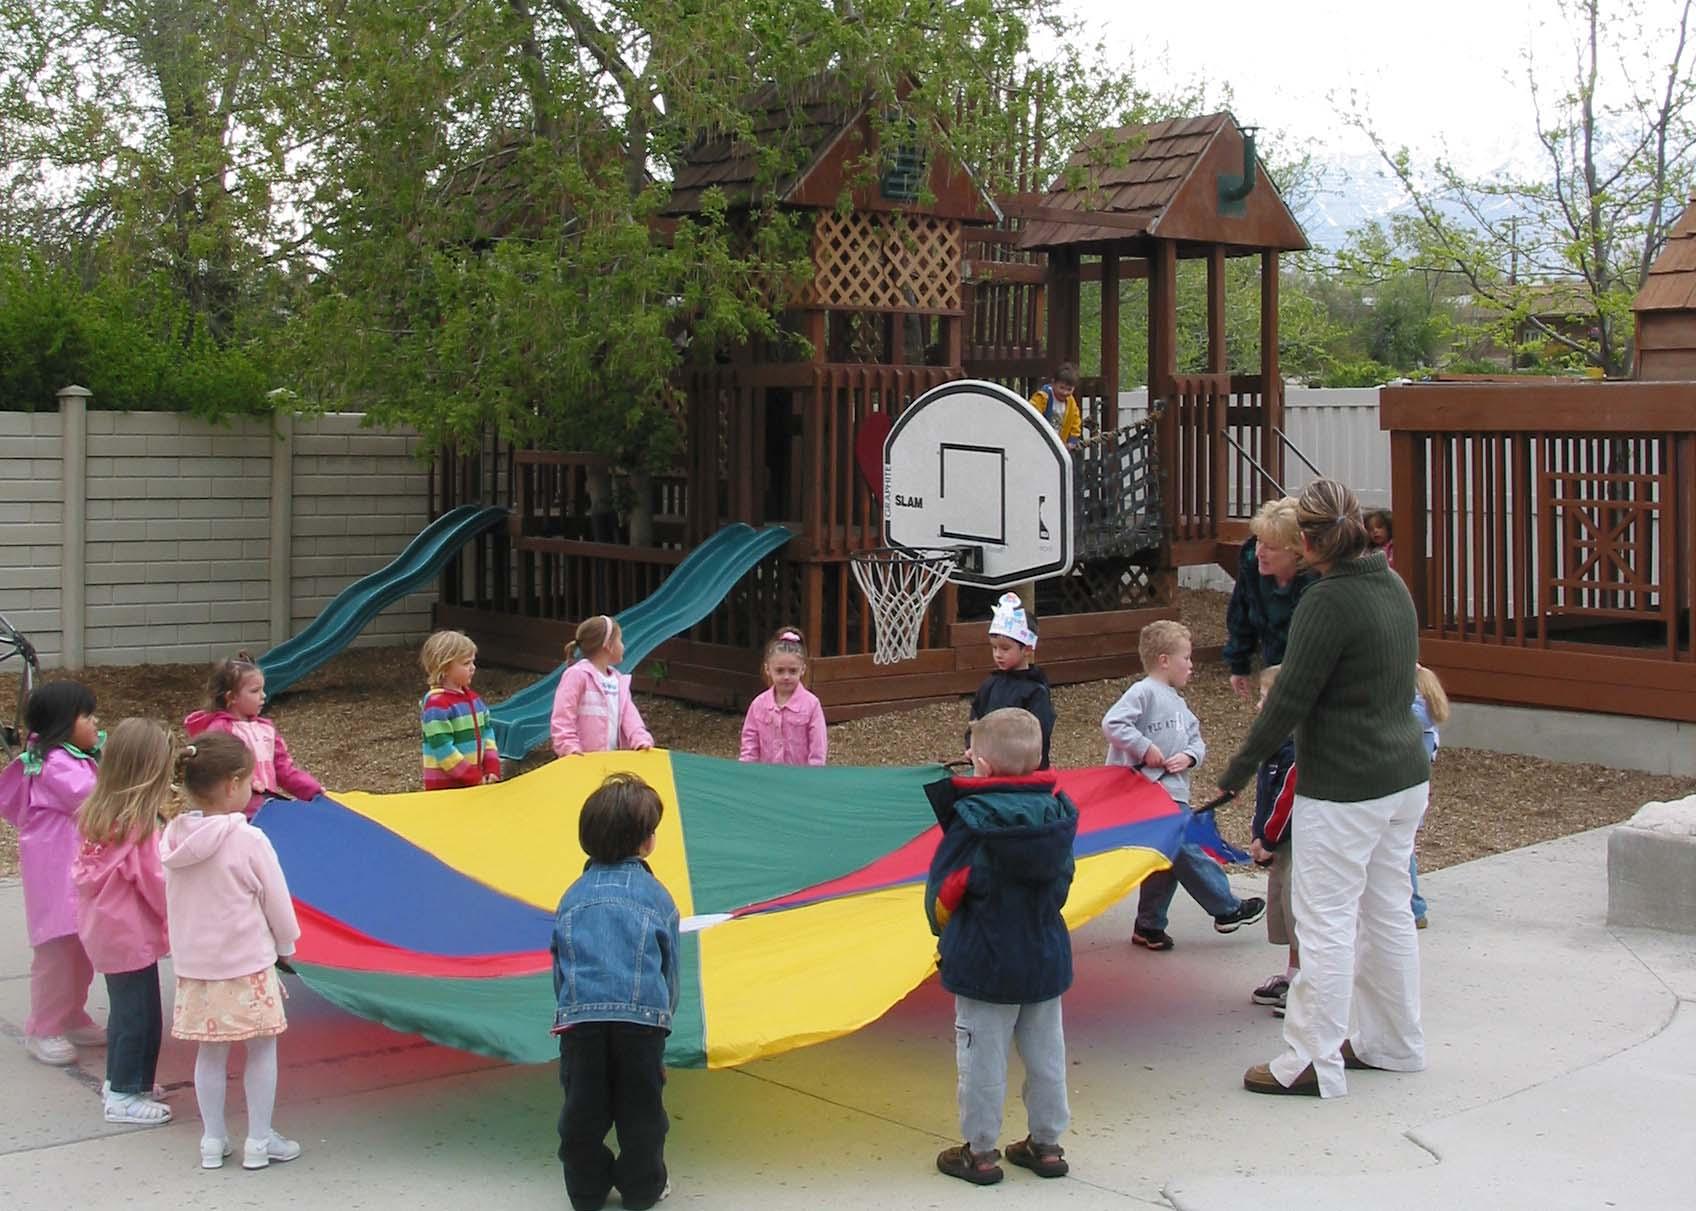 playground-pararchute